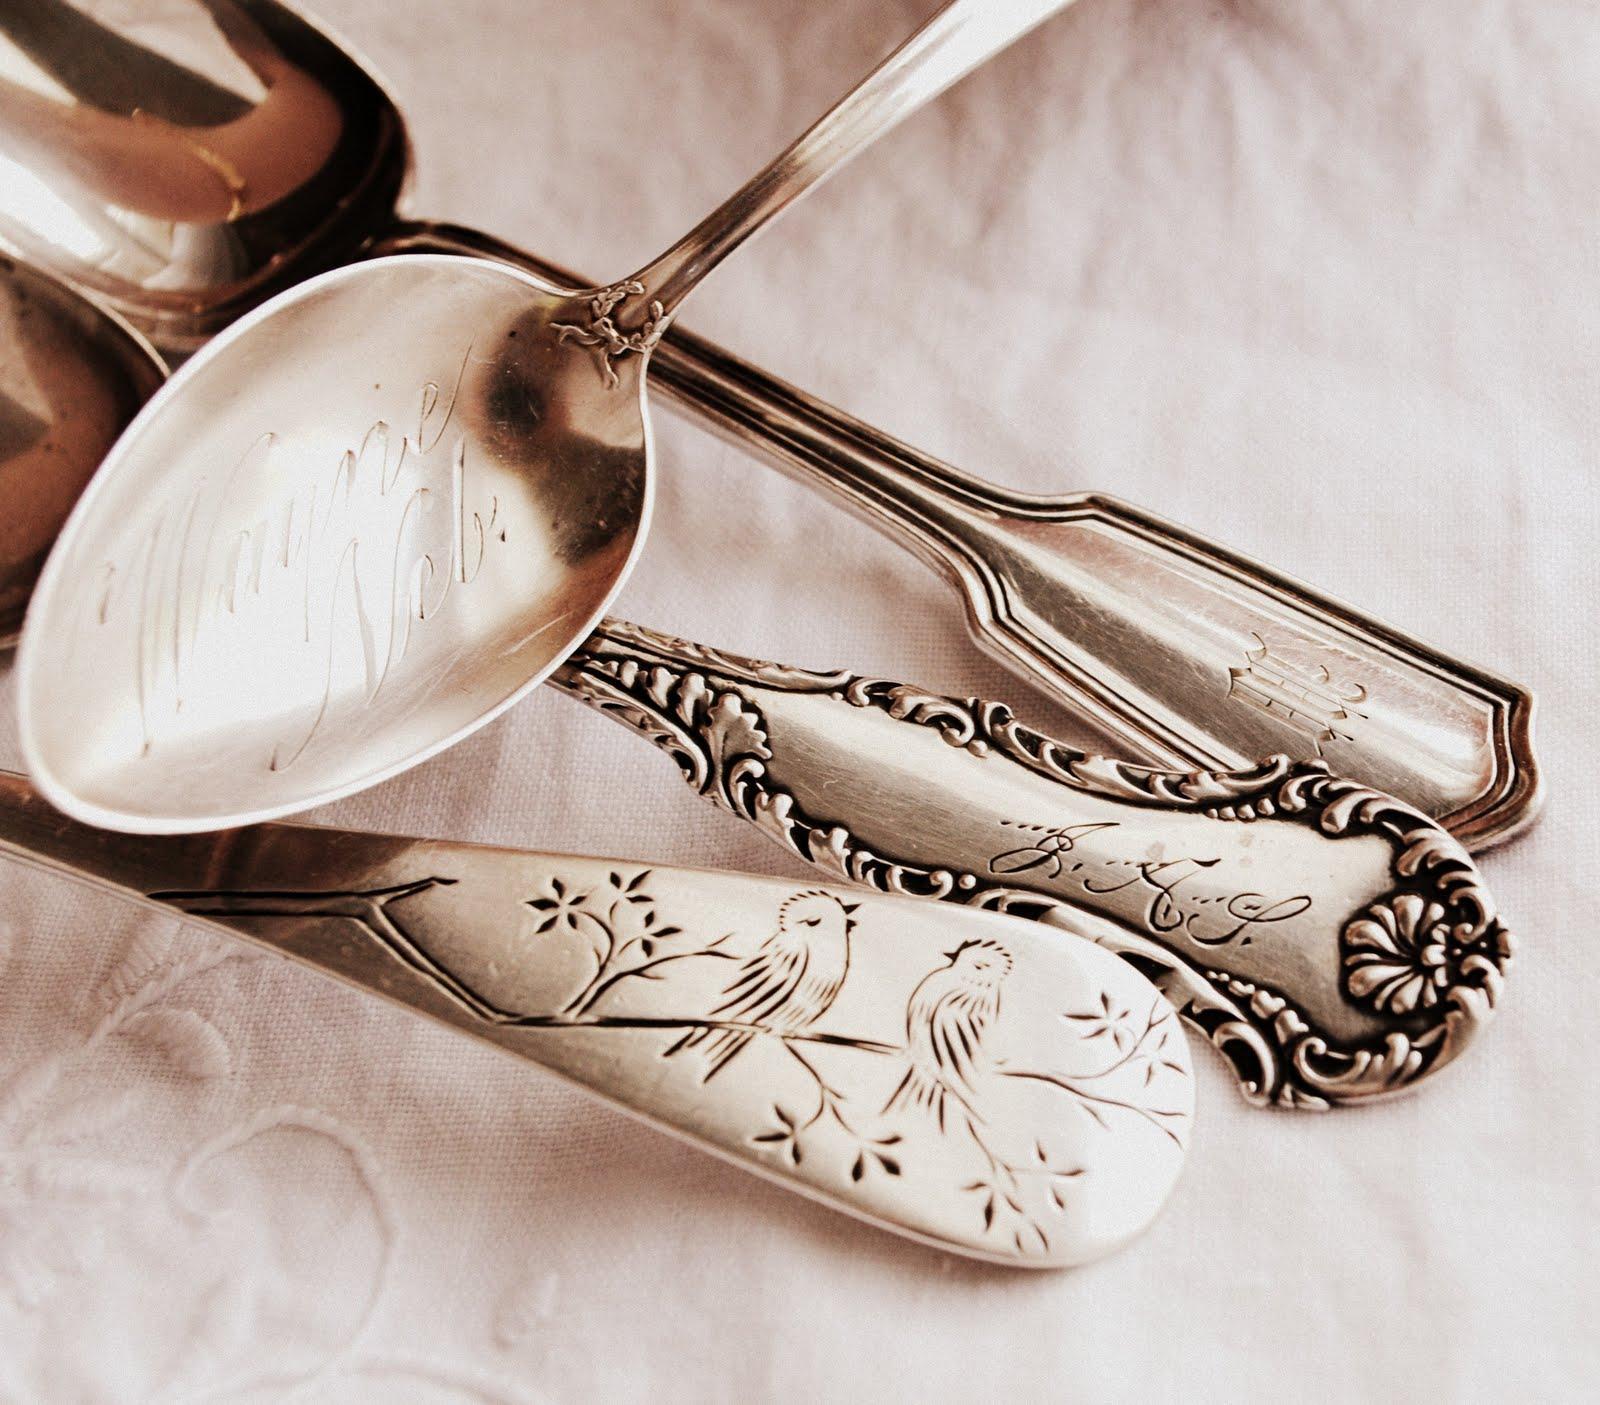 изделиями из серебра